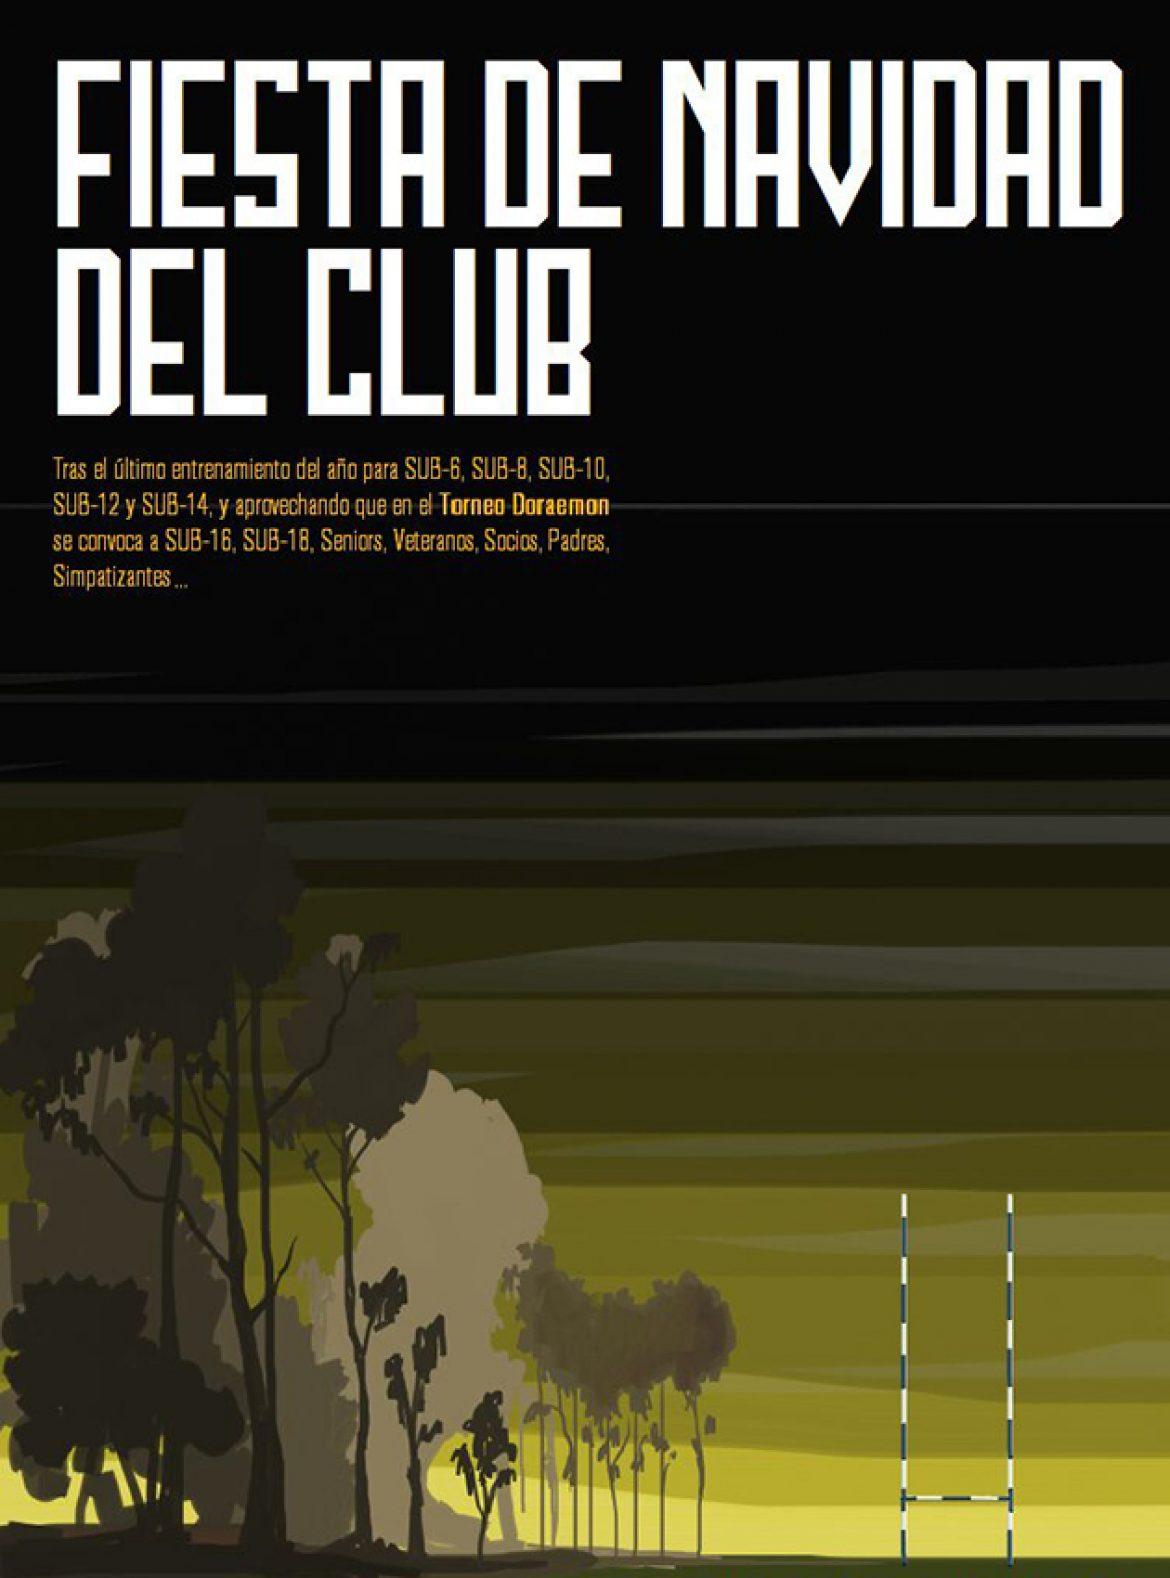 DÍA DEL CLUB Y TORNEO DORAEMON